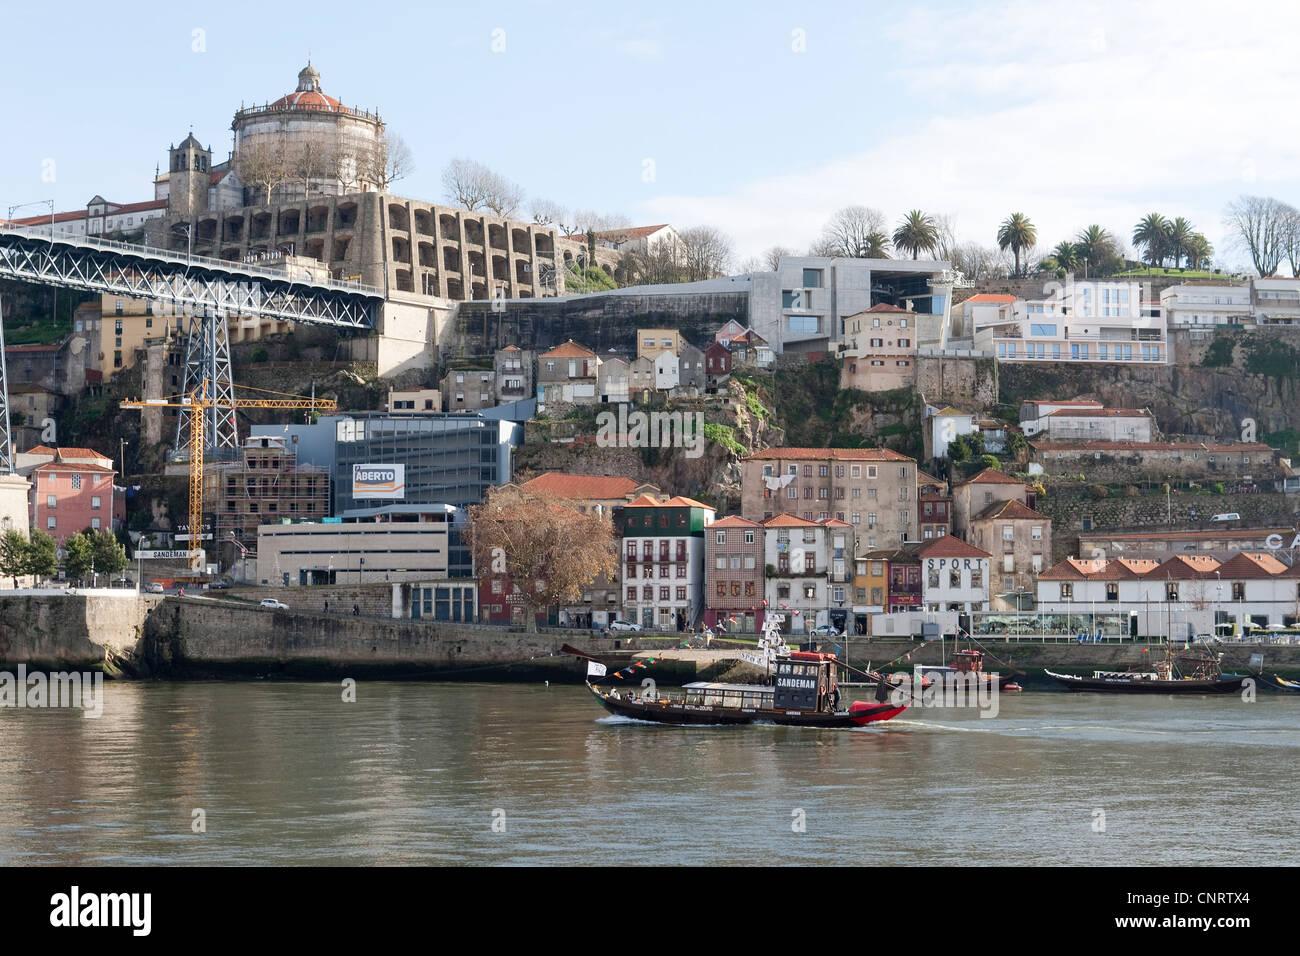 River Douro, Oporto, Portugal - Stock Image